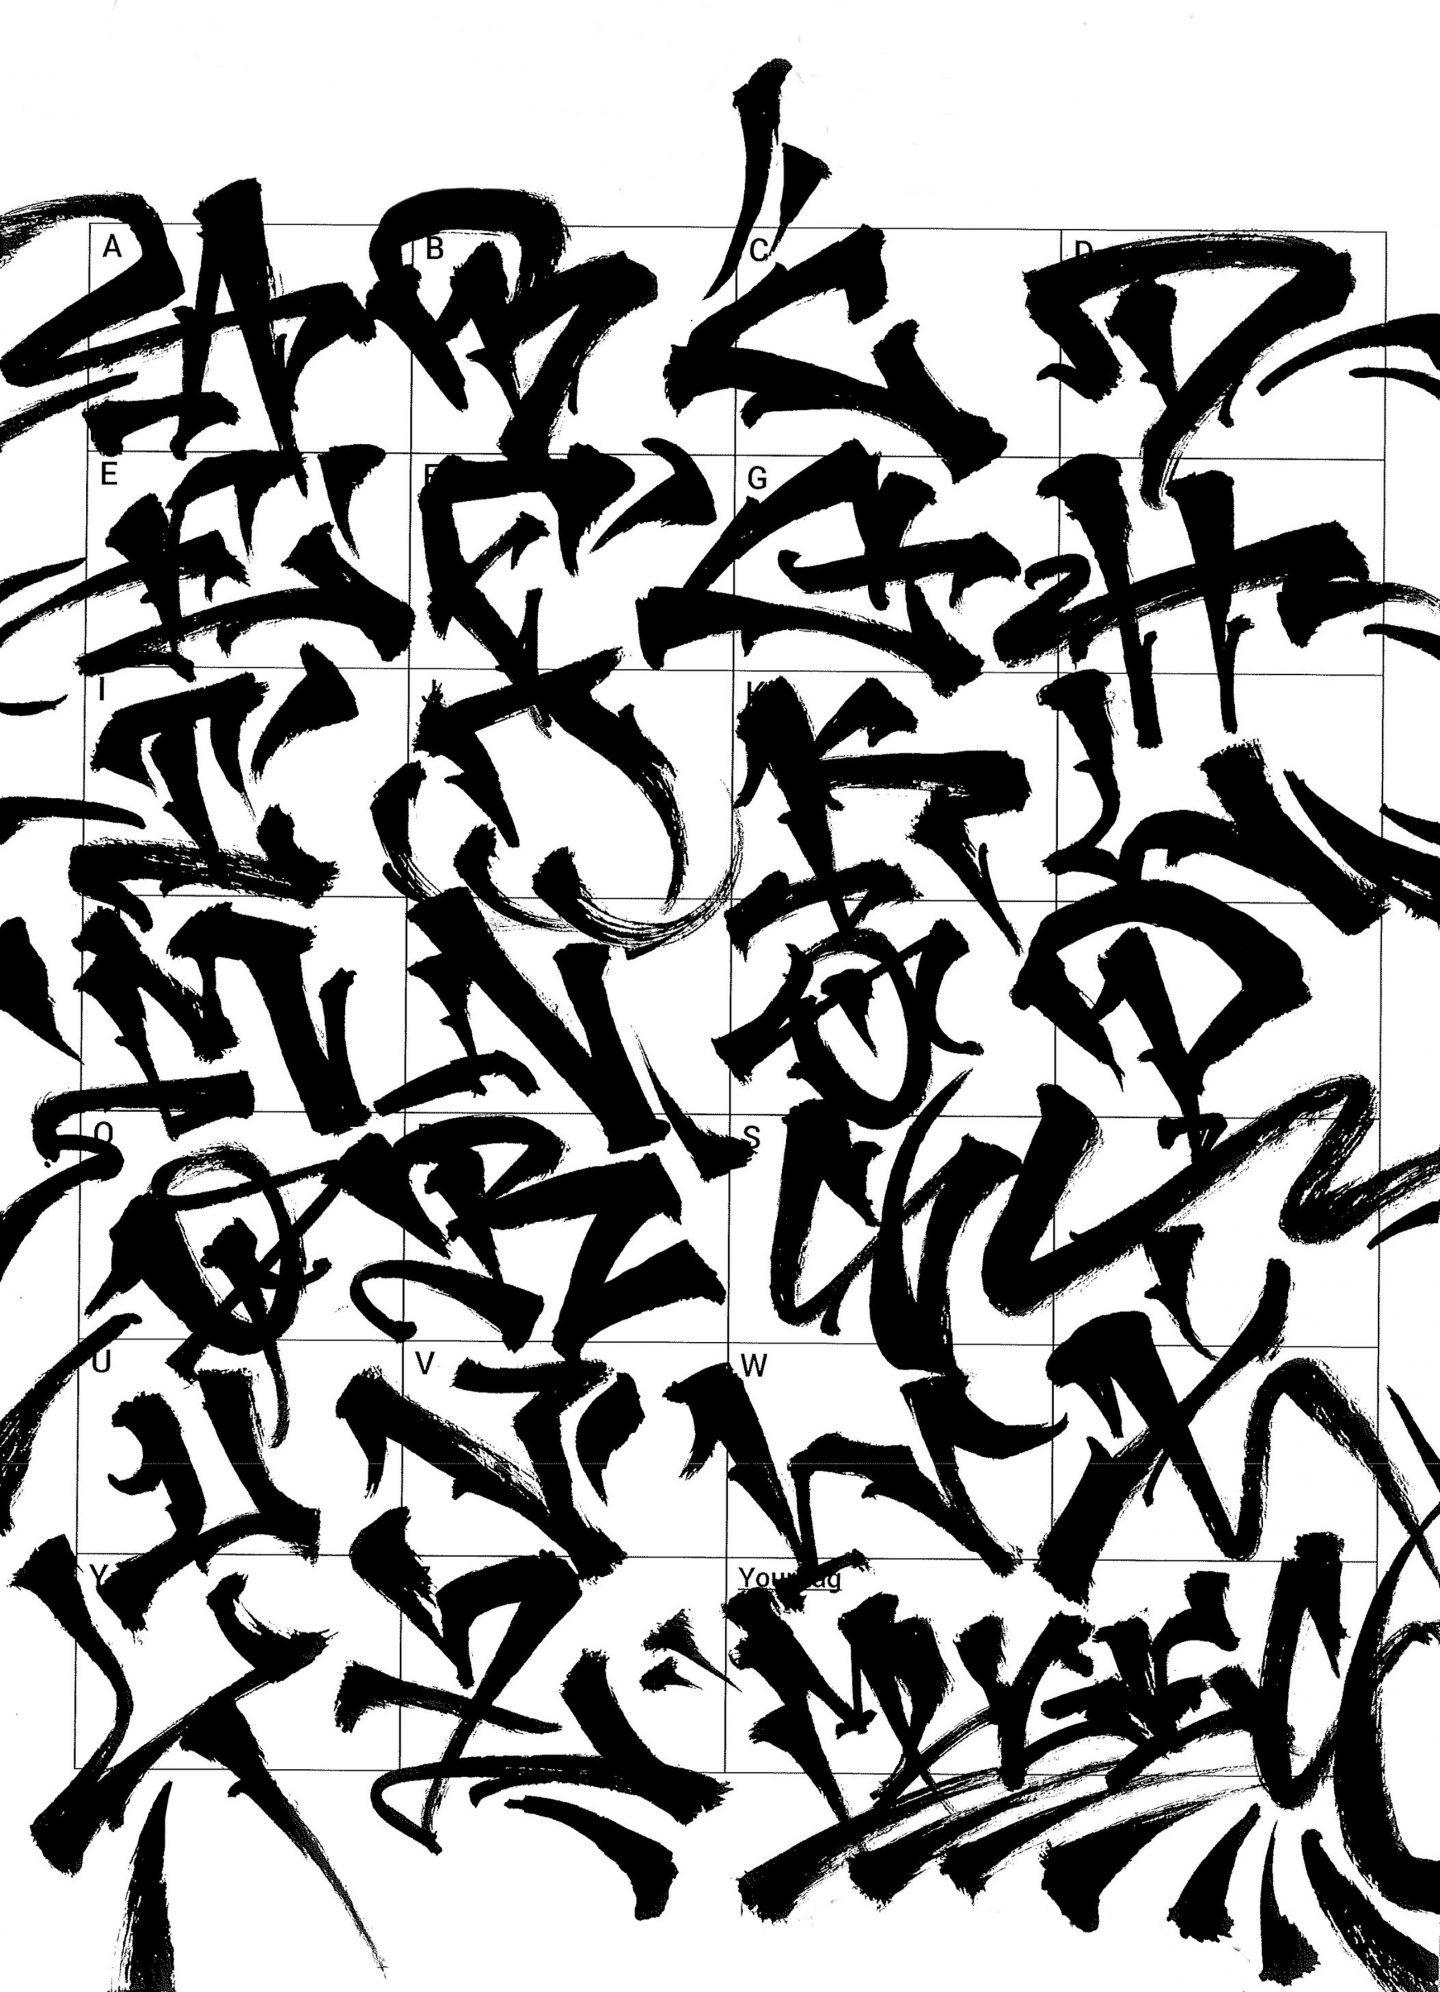 huruf grafiti jepang  gambar grafiti tulisan jepang